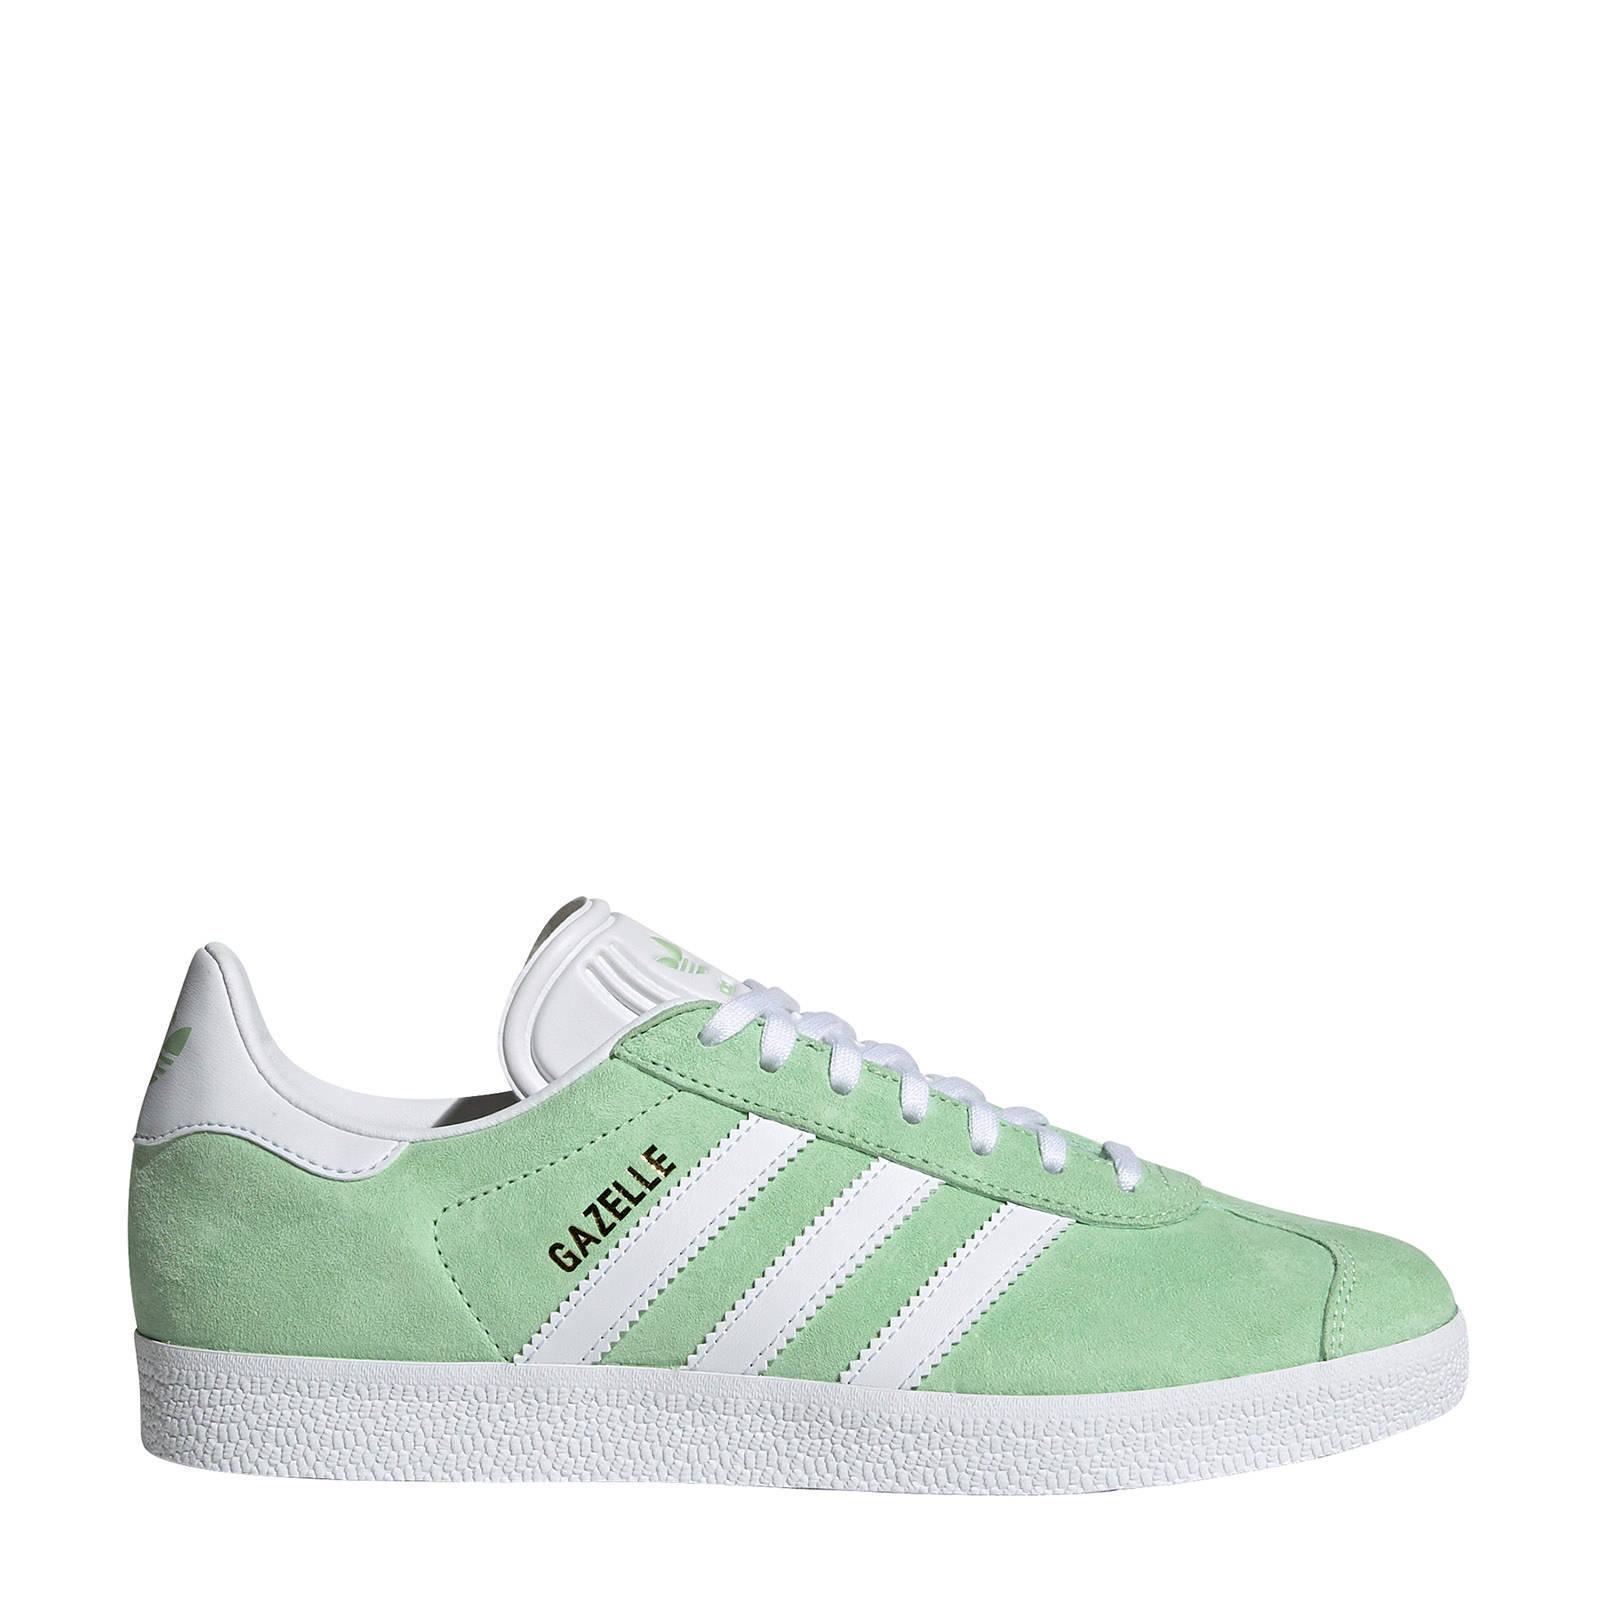 adidas originals Gazelle sneakers lichtgroen/wit | wehkamp